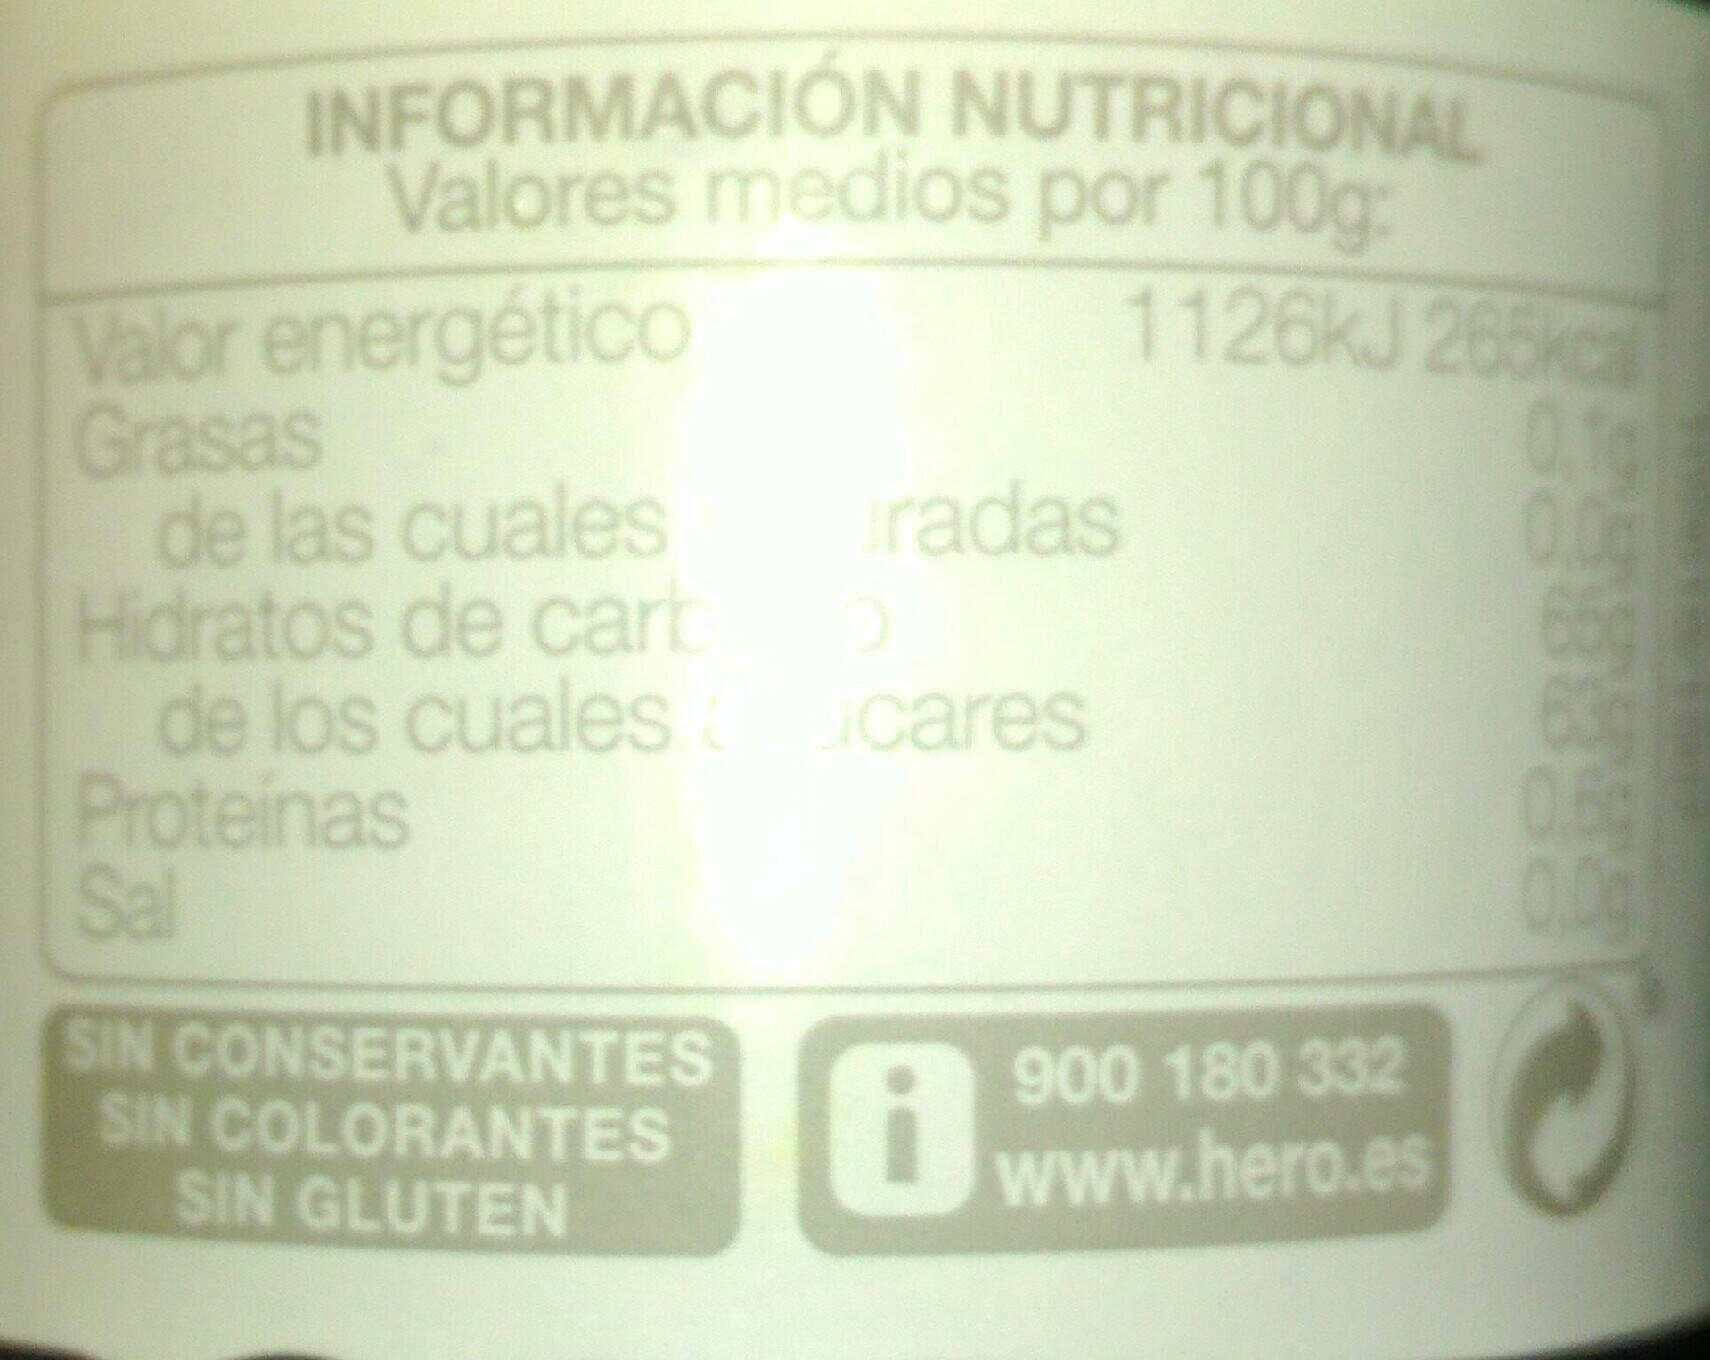 Confitura de cereza - Informations nutritionnelles